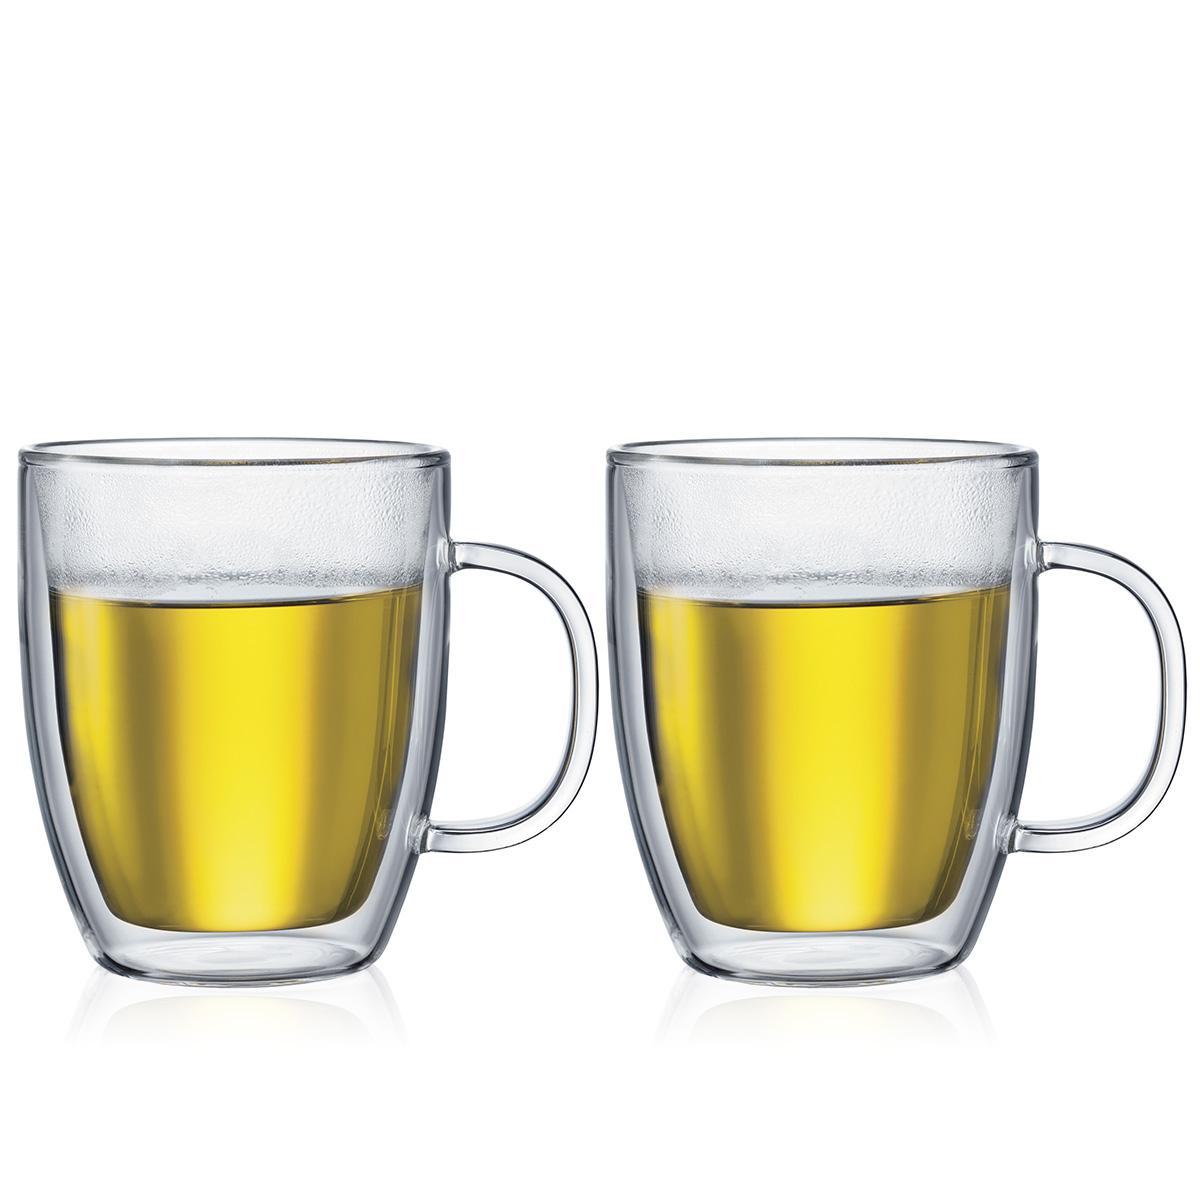 BISTRO: 2 chávenas de vidro de parede dupla, 0.45 l